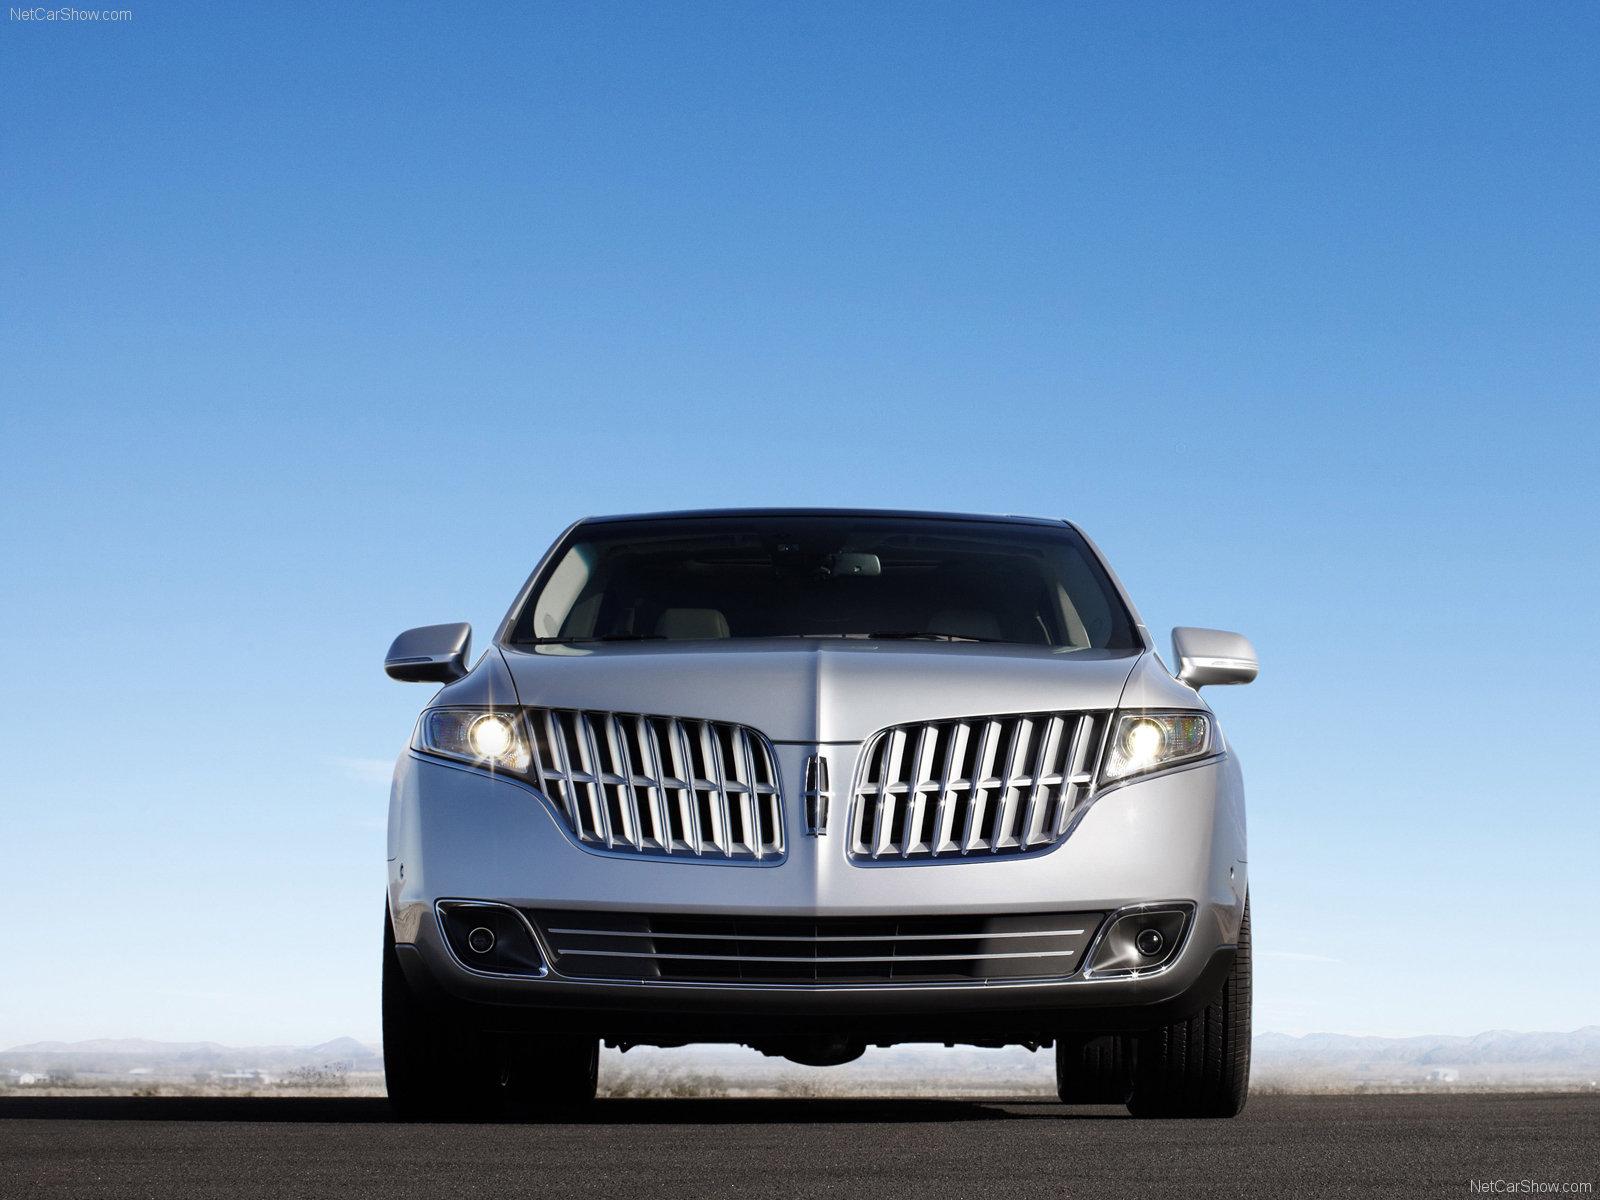 Hình ảnh xe ô tô Lincoln MKT 2010 & nội ngoại thất